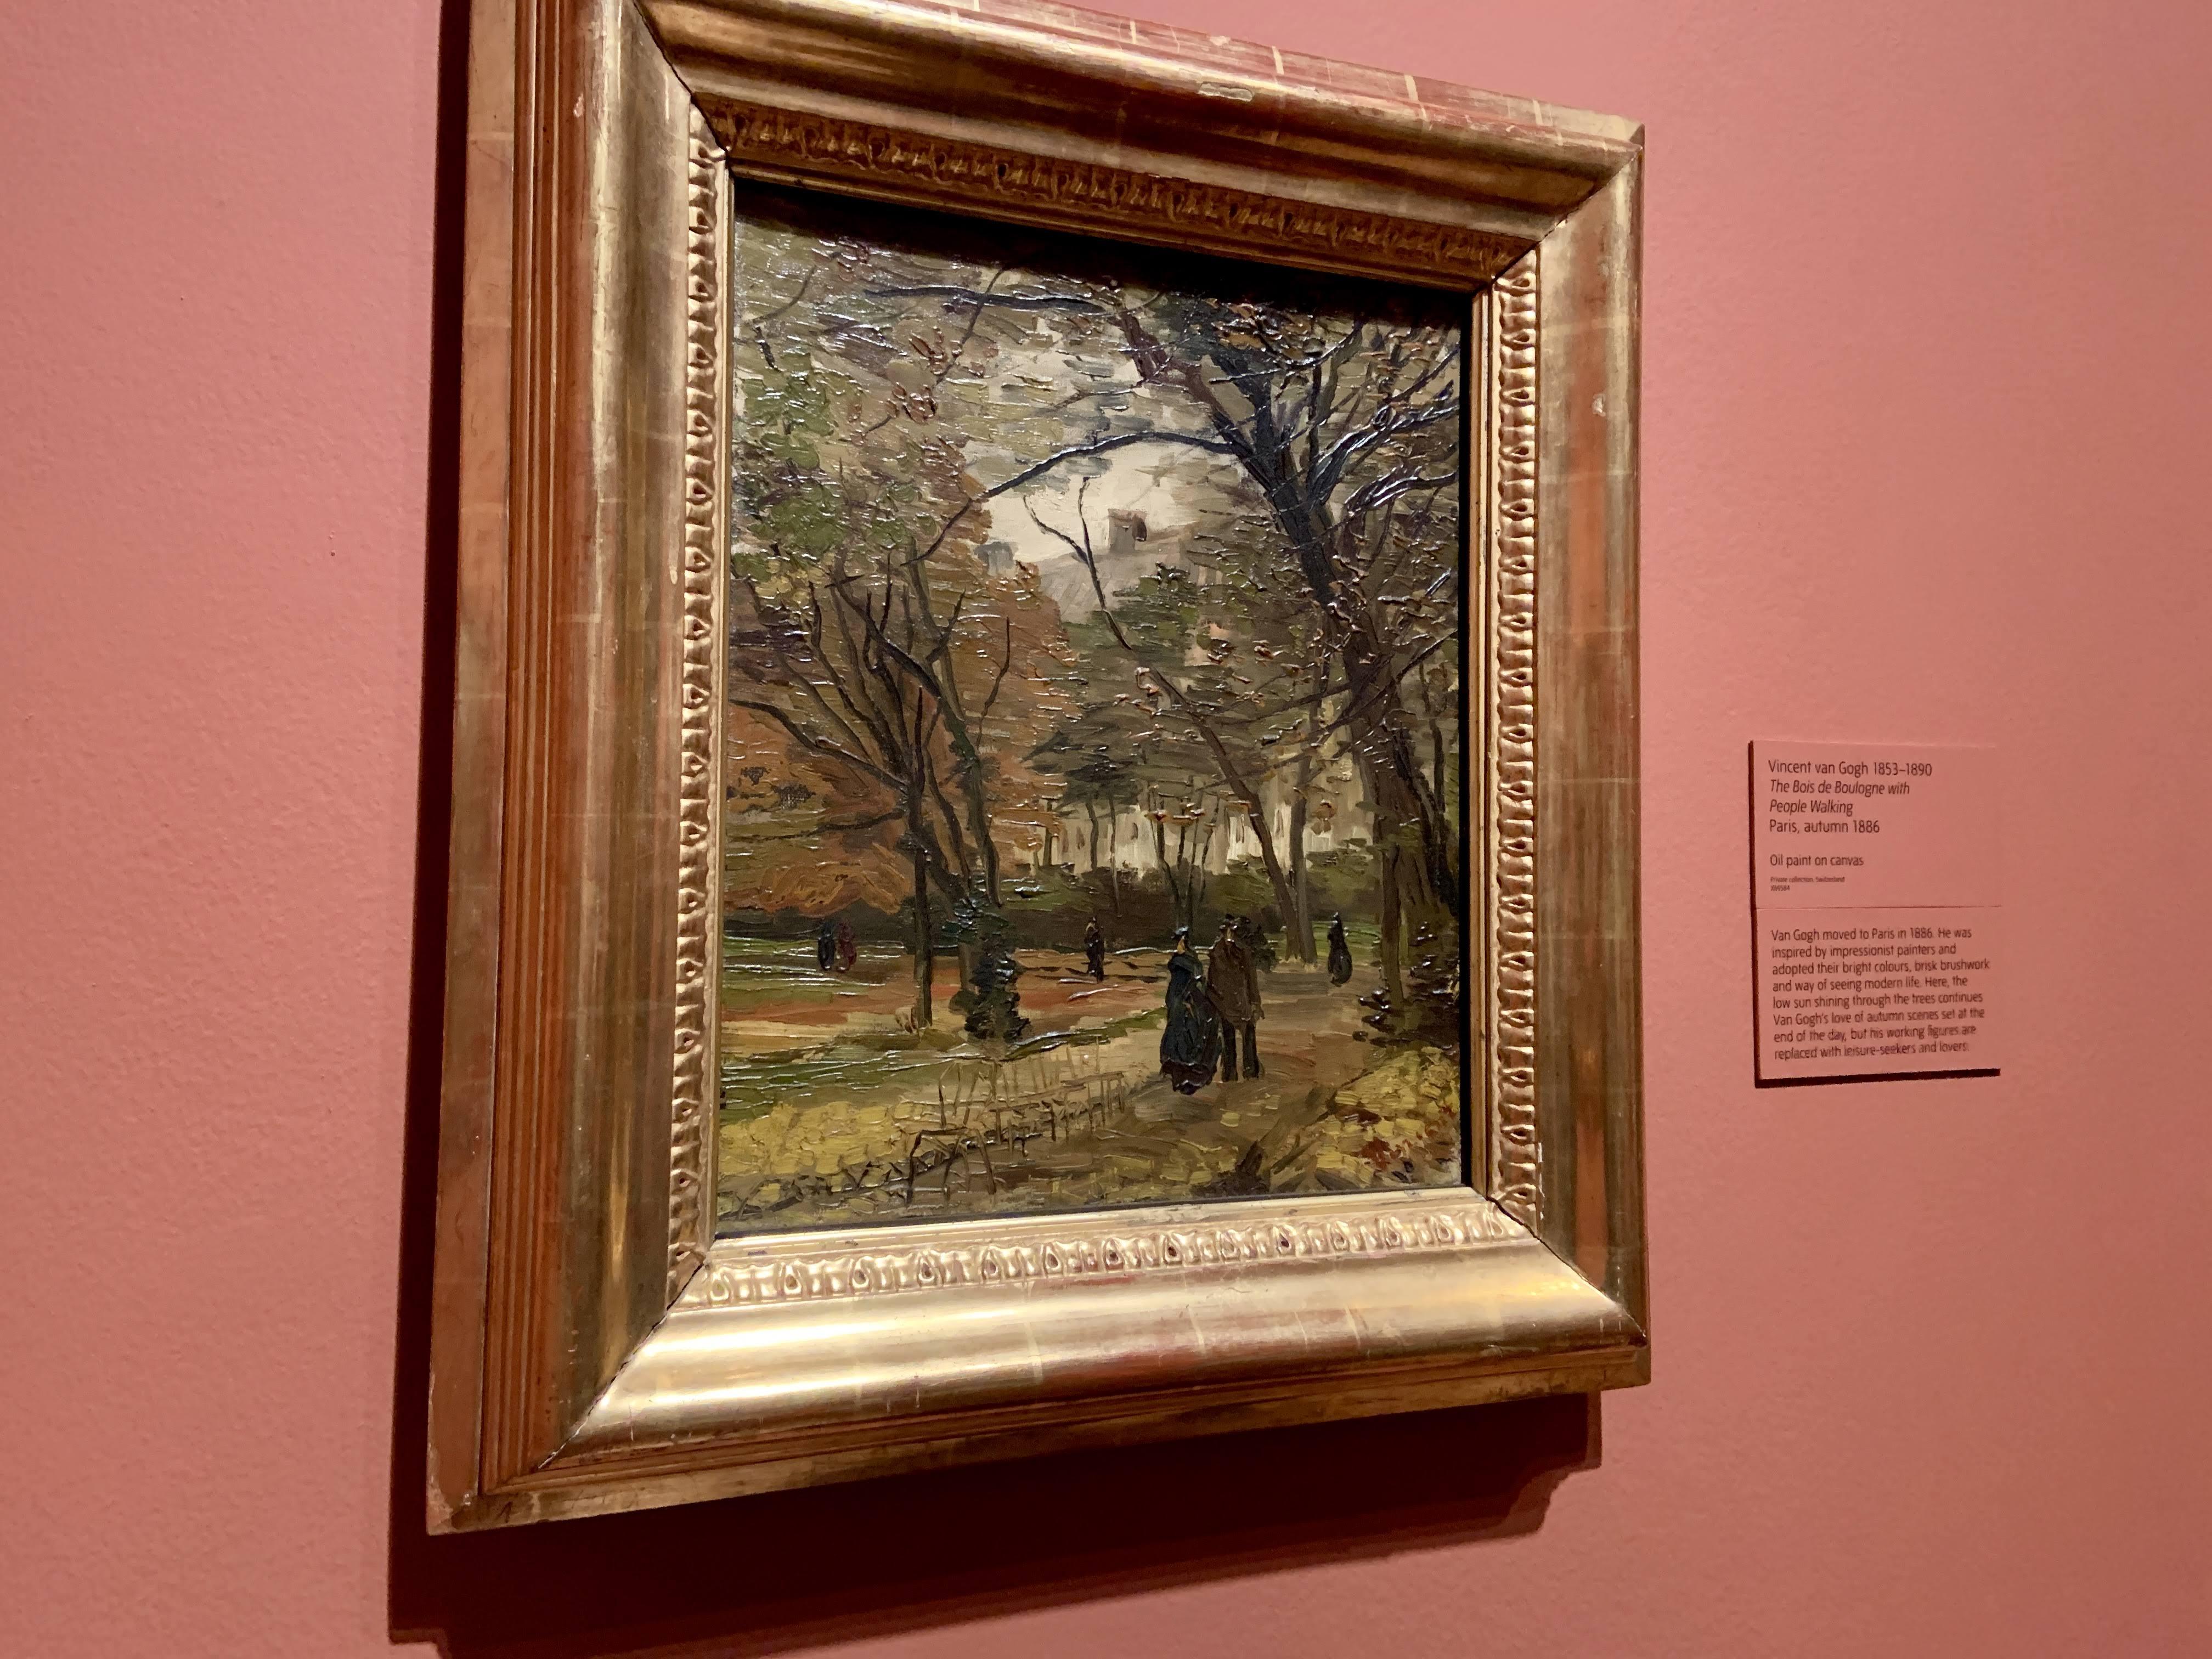 Vincent van Gogh - The Bois de Boulogne with People Walking, 1886